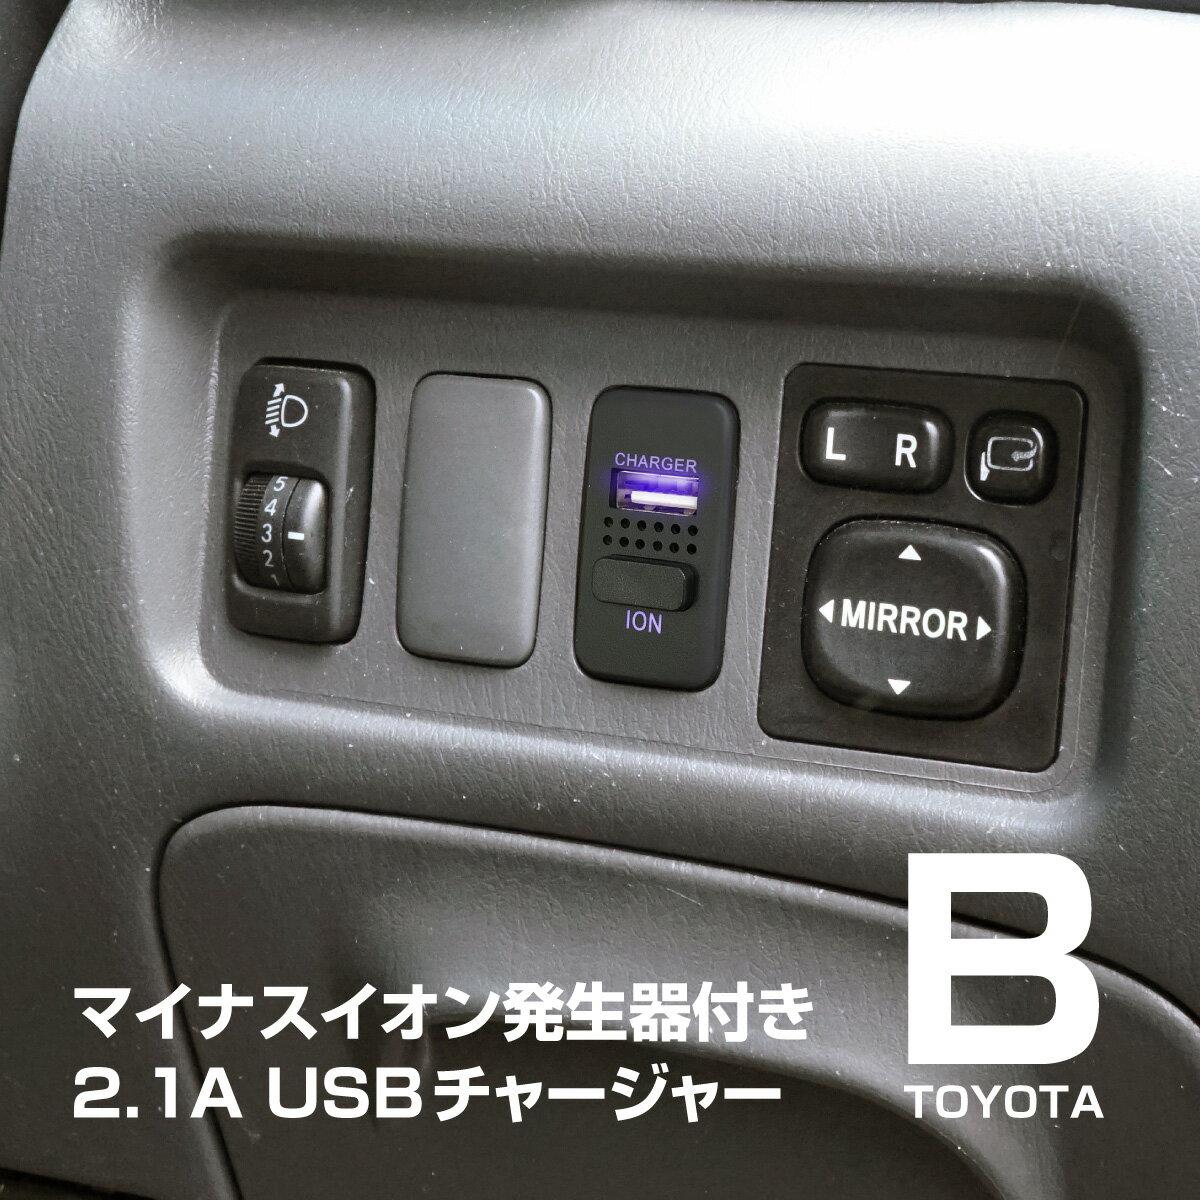 トヨタ サクシード 純正スイッチポート用 USBチャージャー 充電 空気清浄 消臭 LED/ブルー スマホ 車 対応 _59962g画像